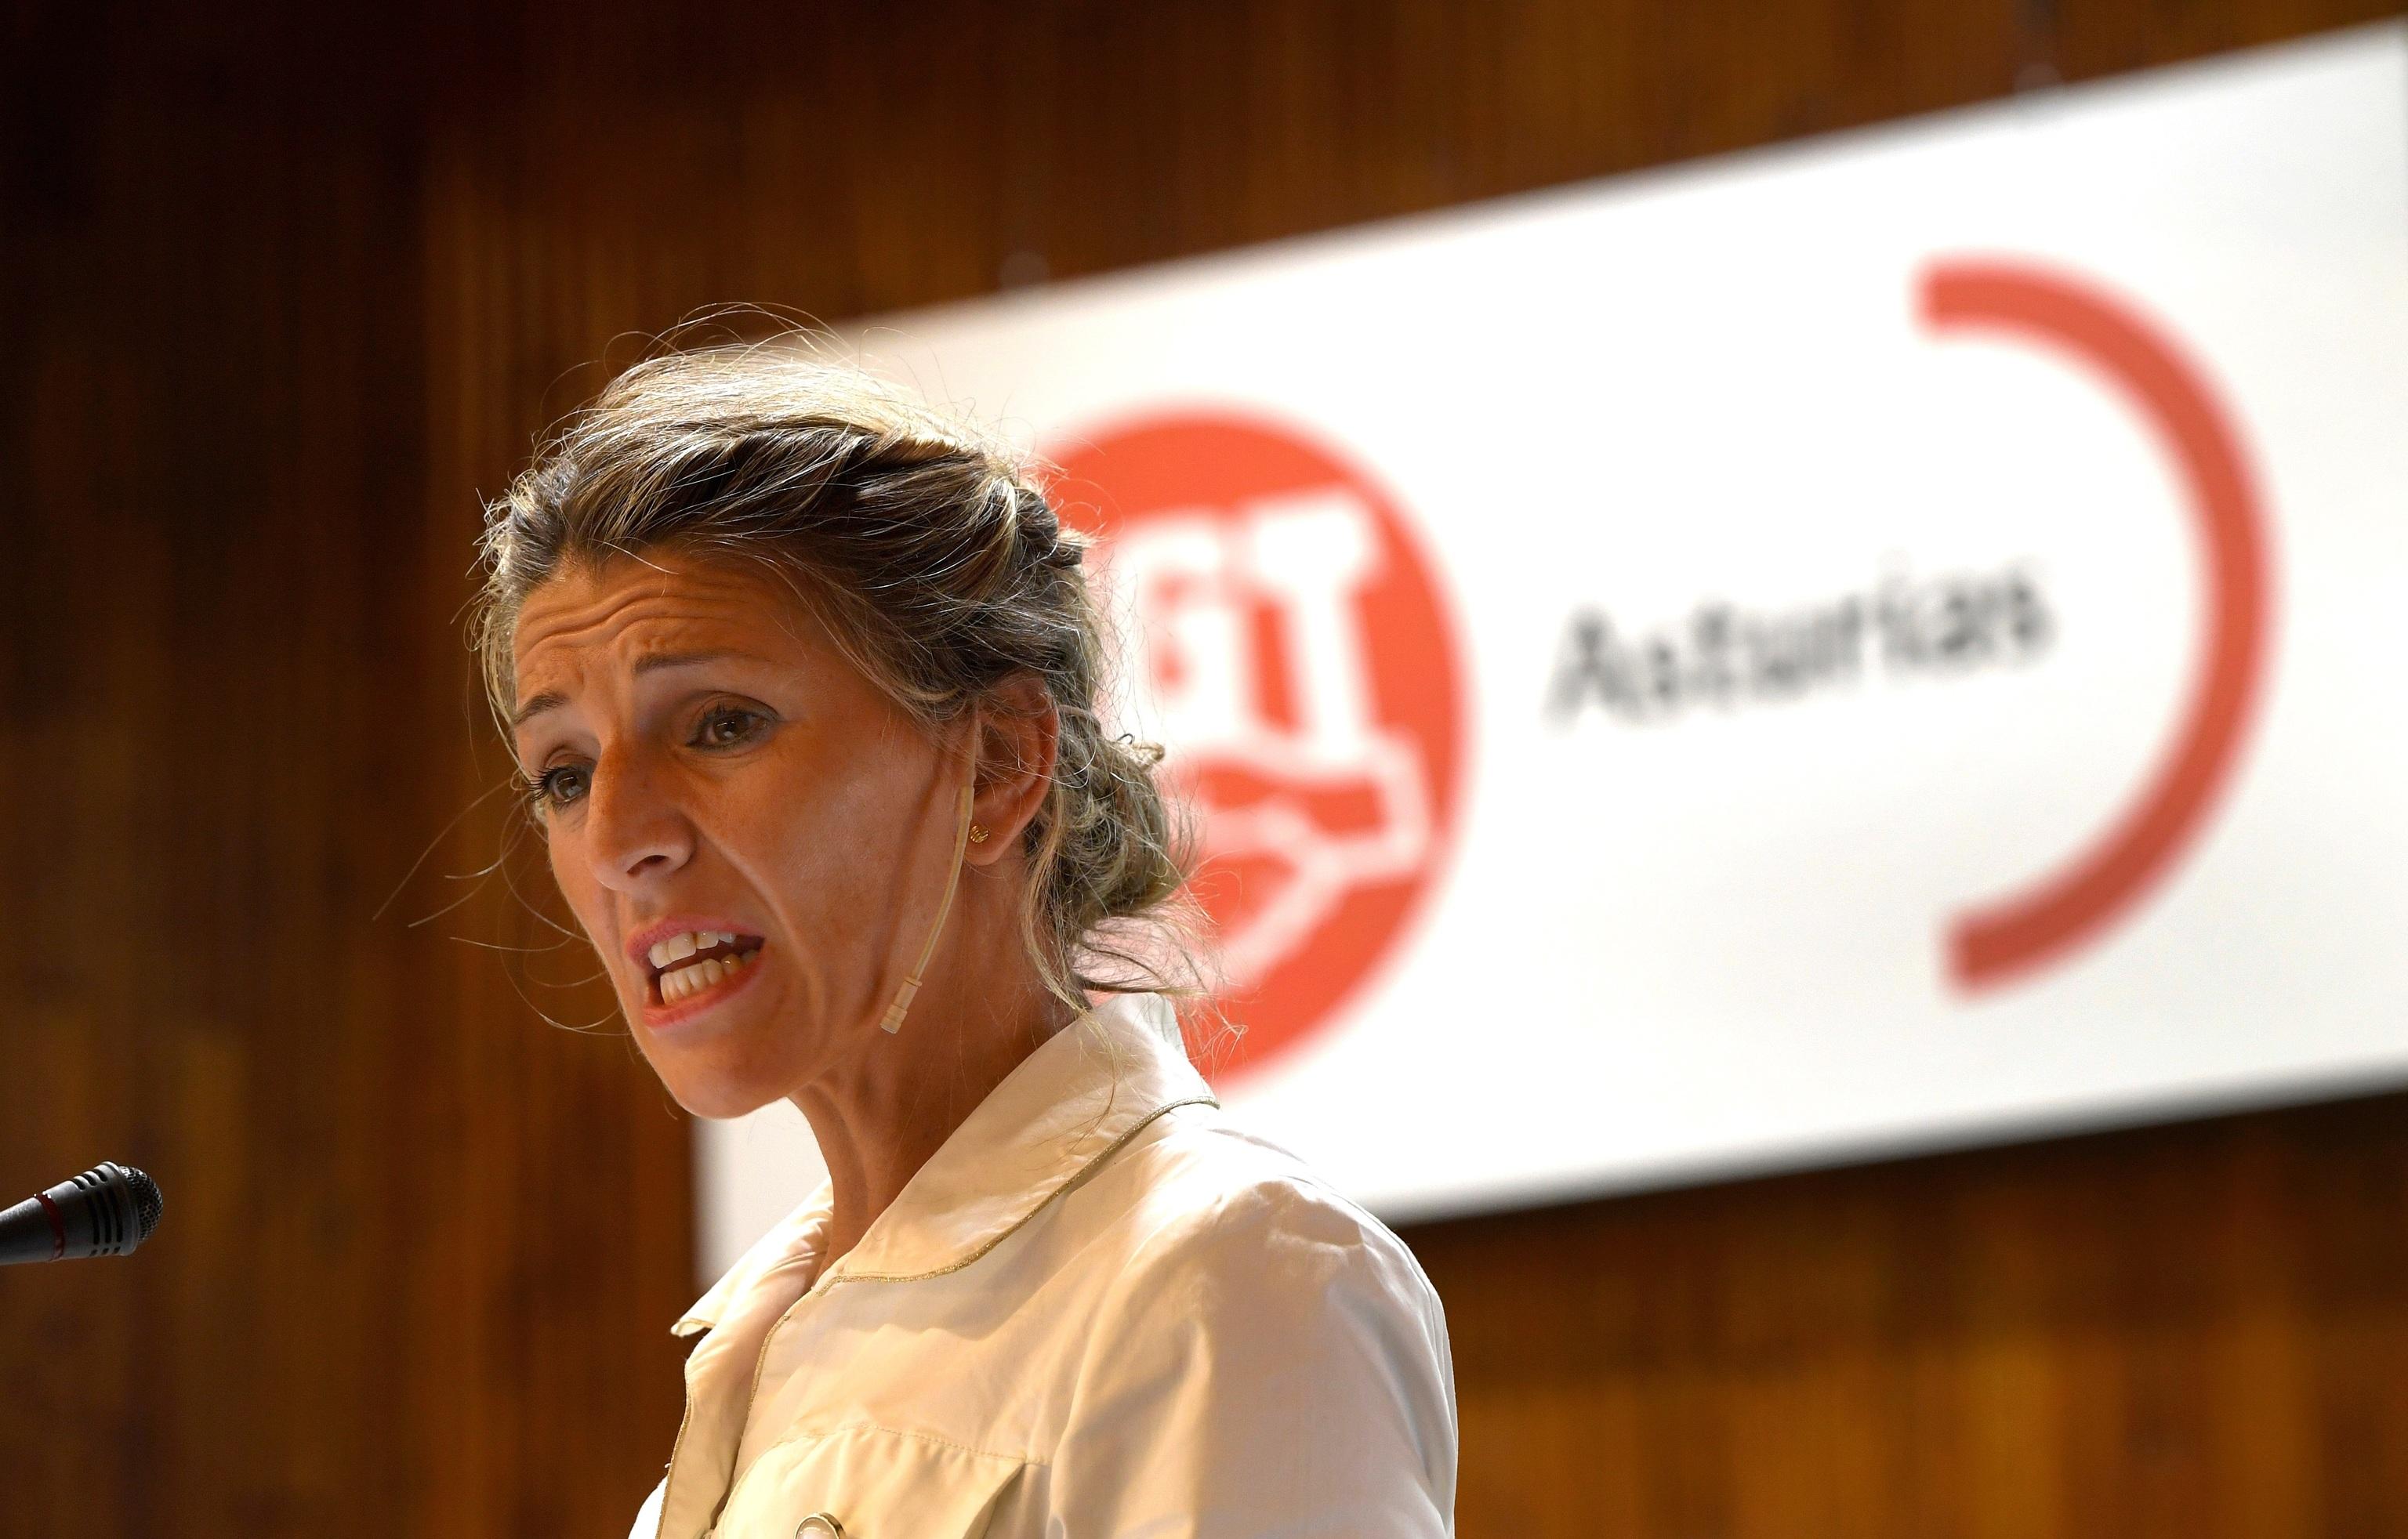 La vicepresidenta del Gobierno y ministra de Trabajo, Yolanda Díaz, en un discurso la semana pasada en Oviedo.